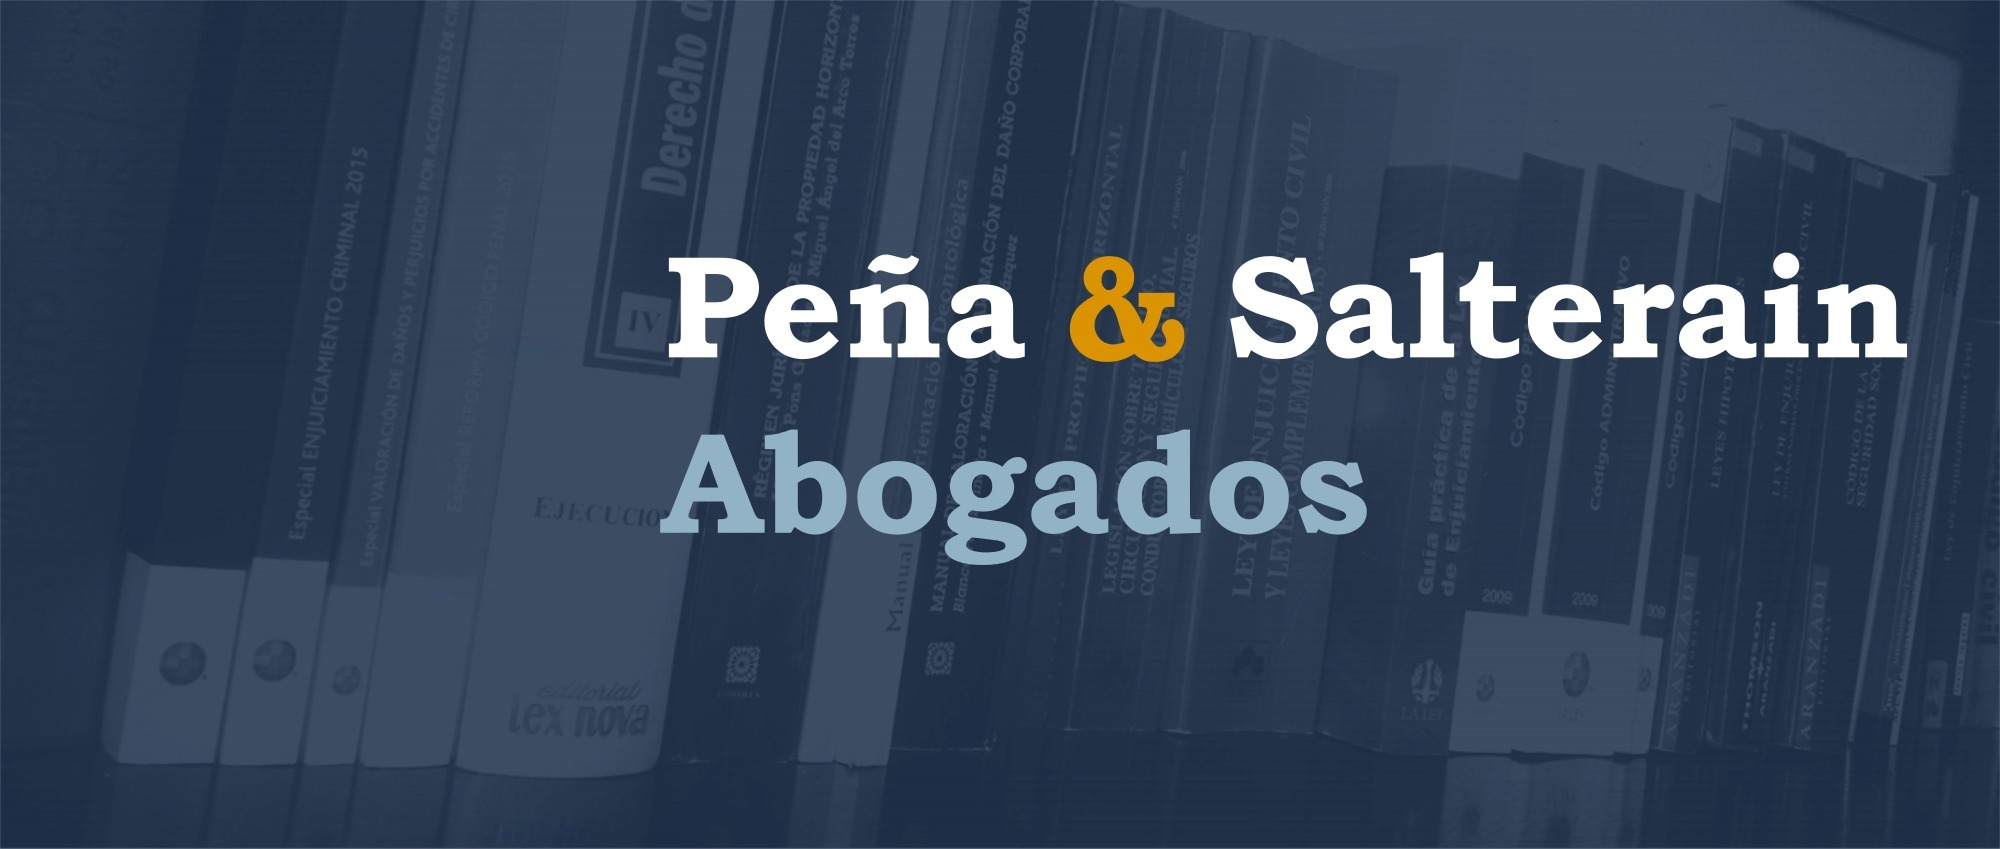 PEÑA & SALTERAIN Abogados (@salterain) Cover Image